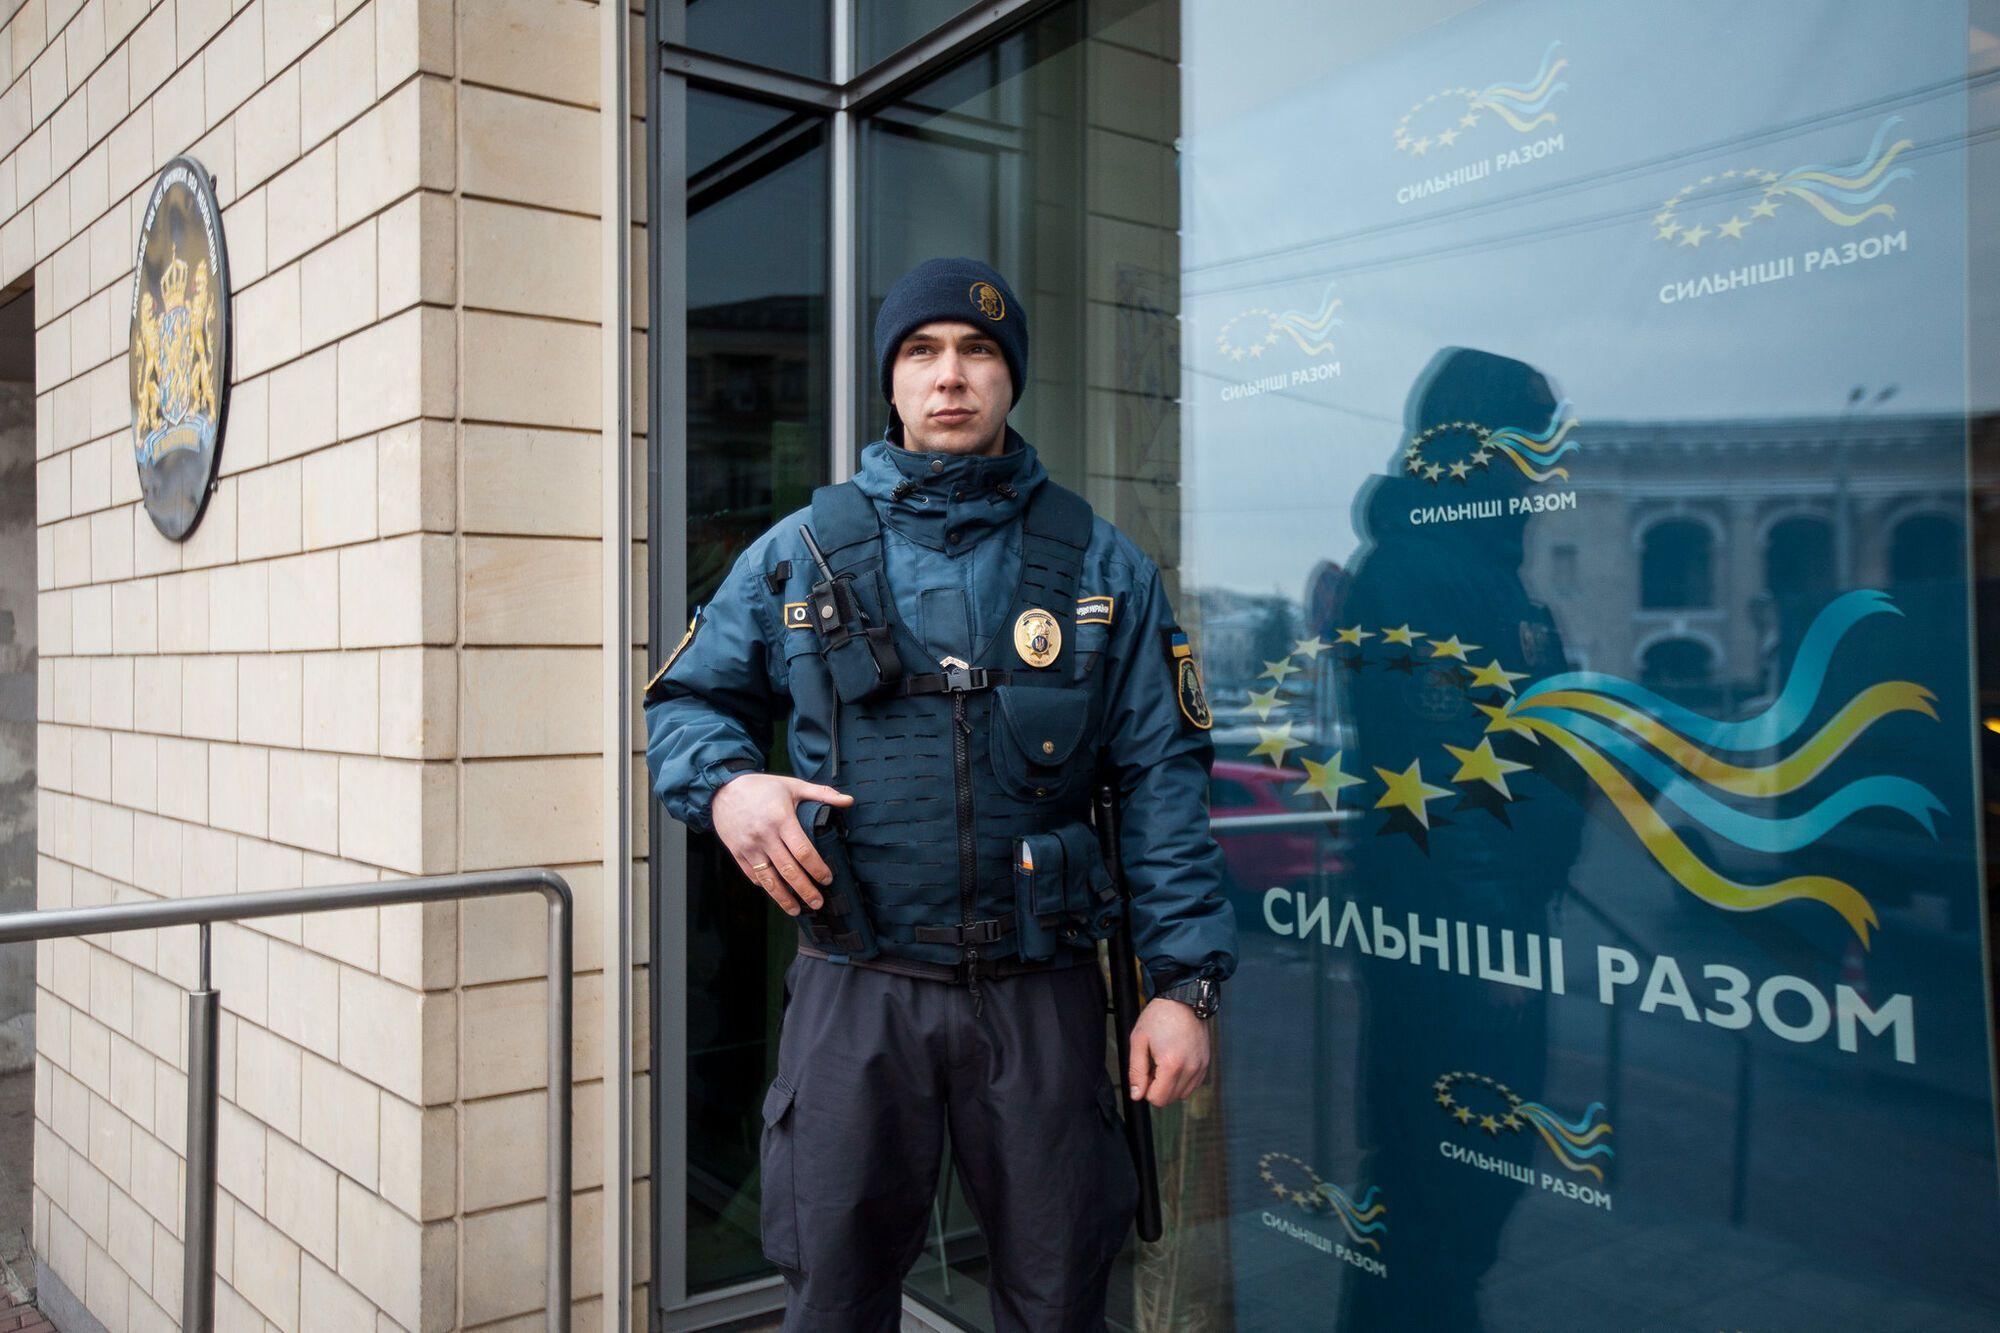 Нацгвардійці здійснюють охорону диппредставництв та офісів міжнародних організацій...